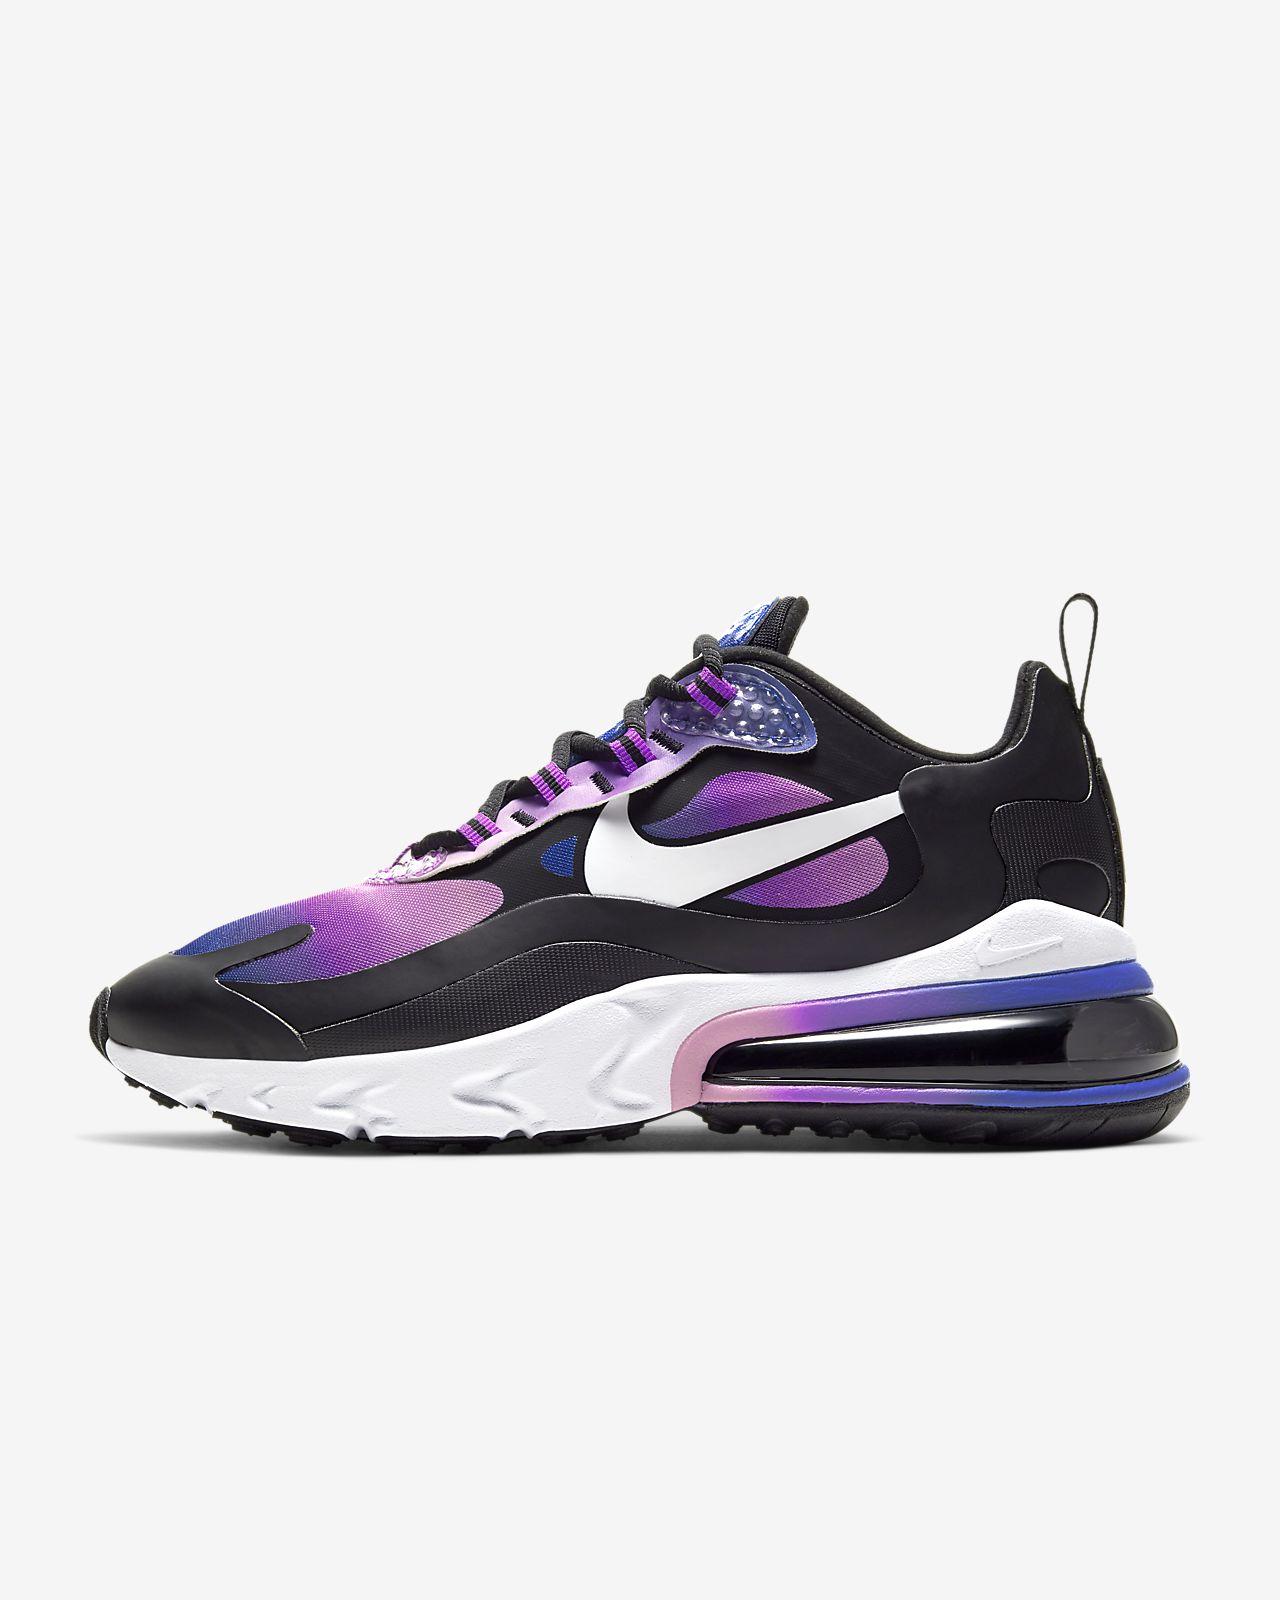 Sko Nike Air Max 270 React ENG för män